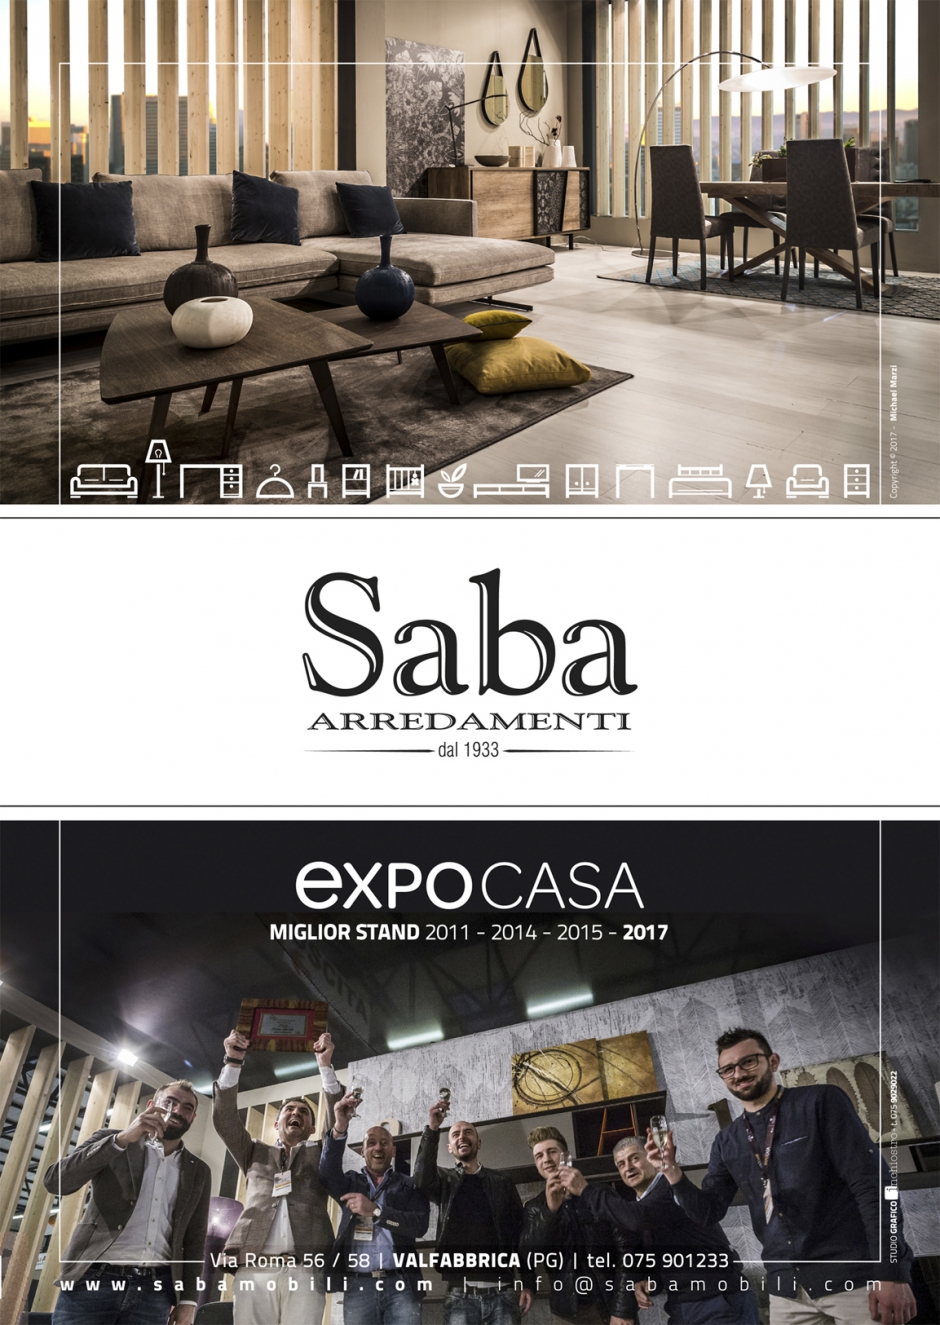 Miglio stand EXPO Casa 2017